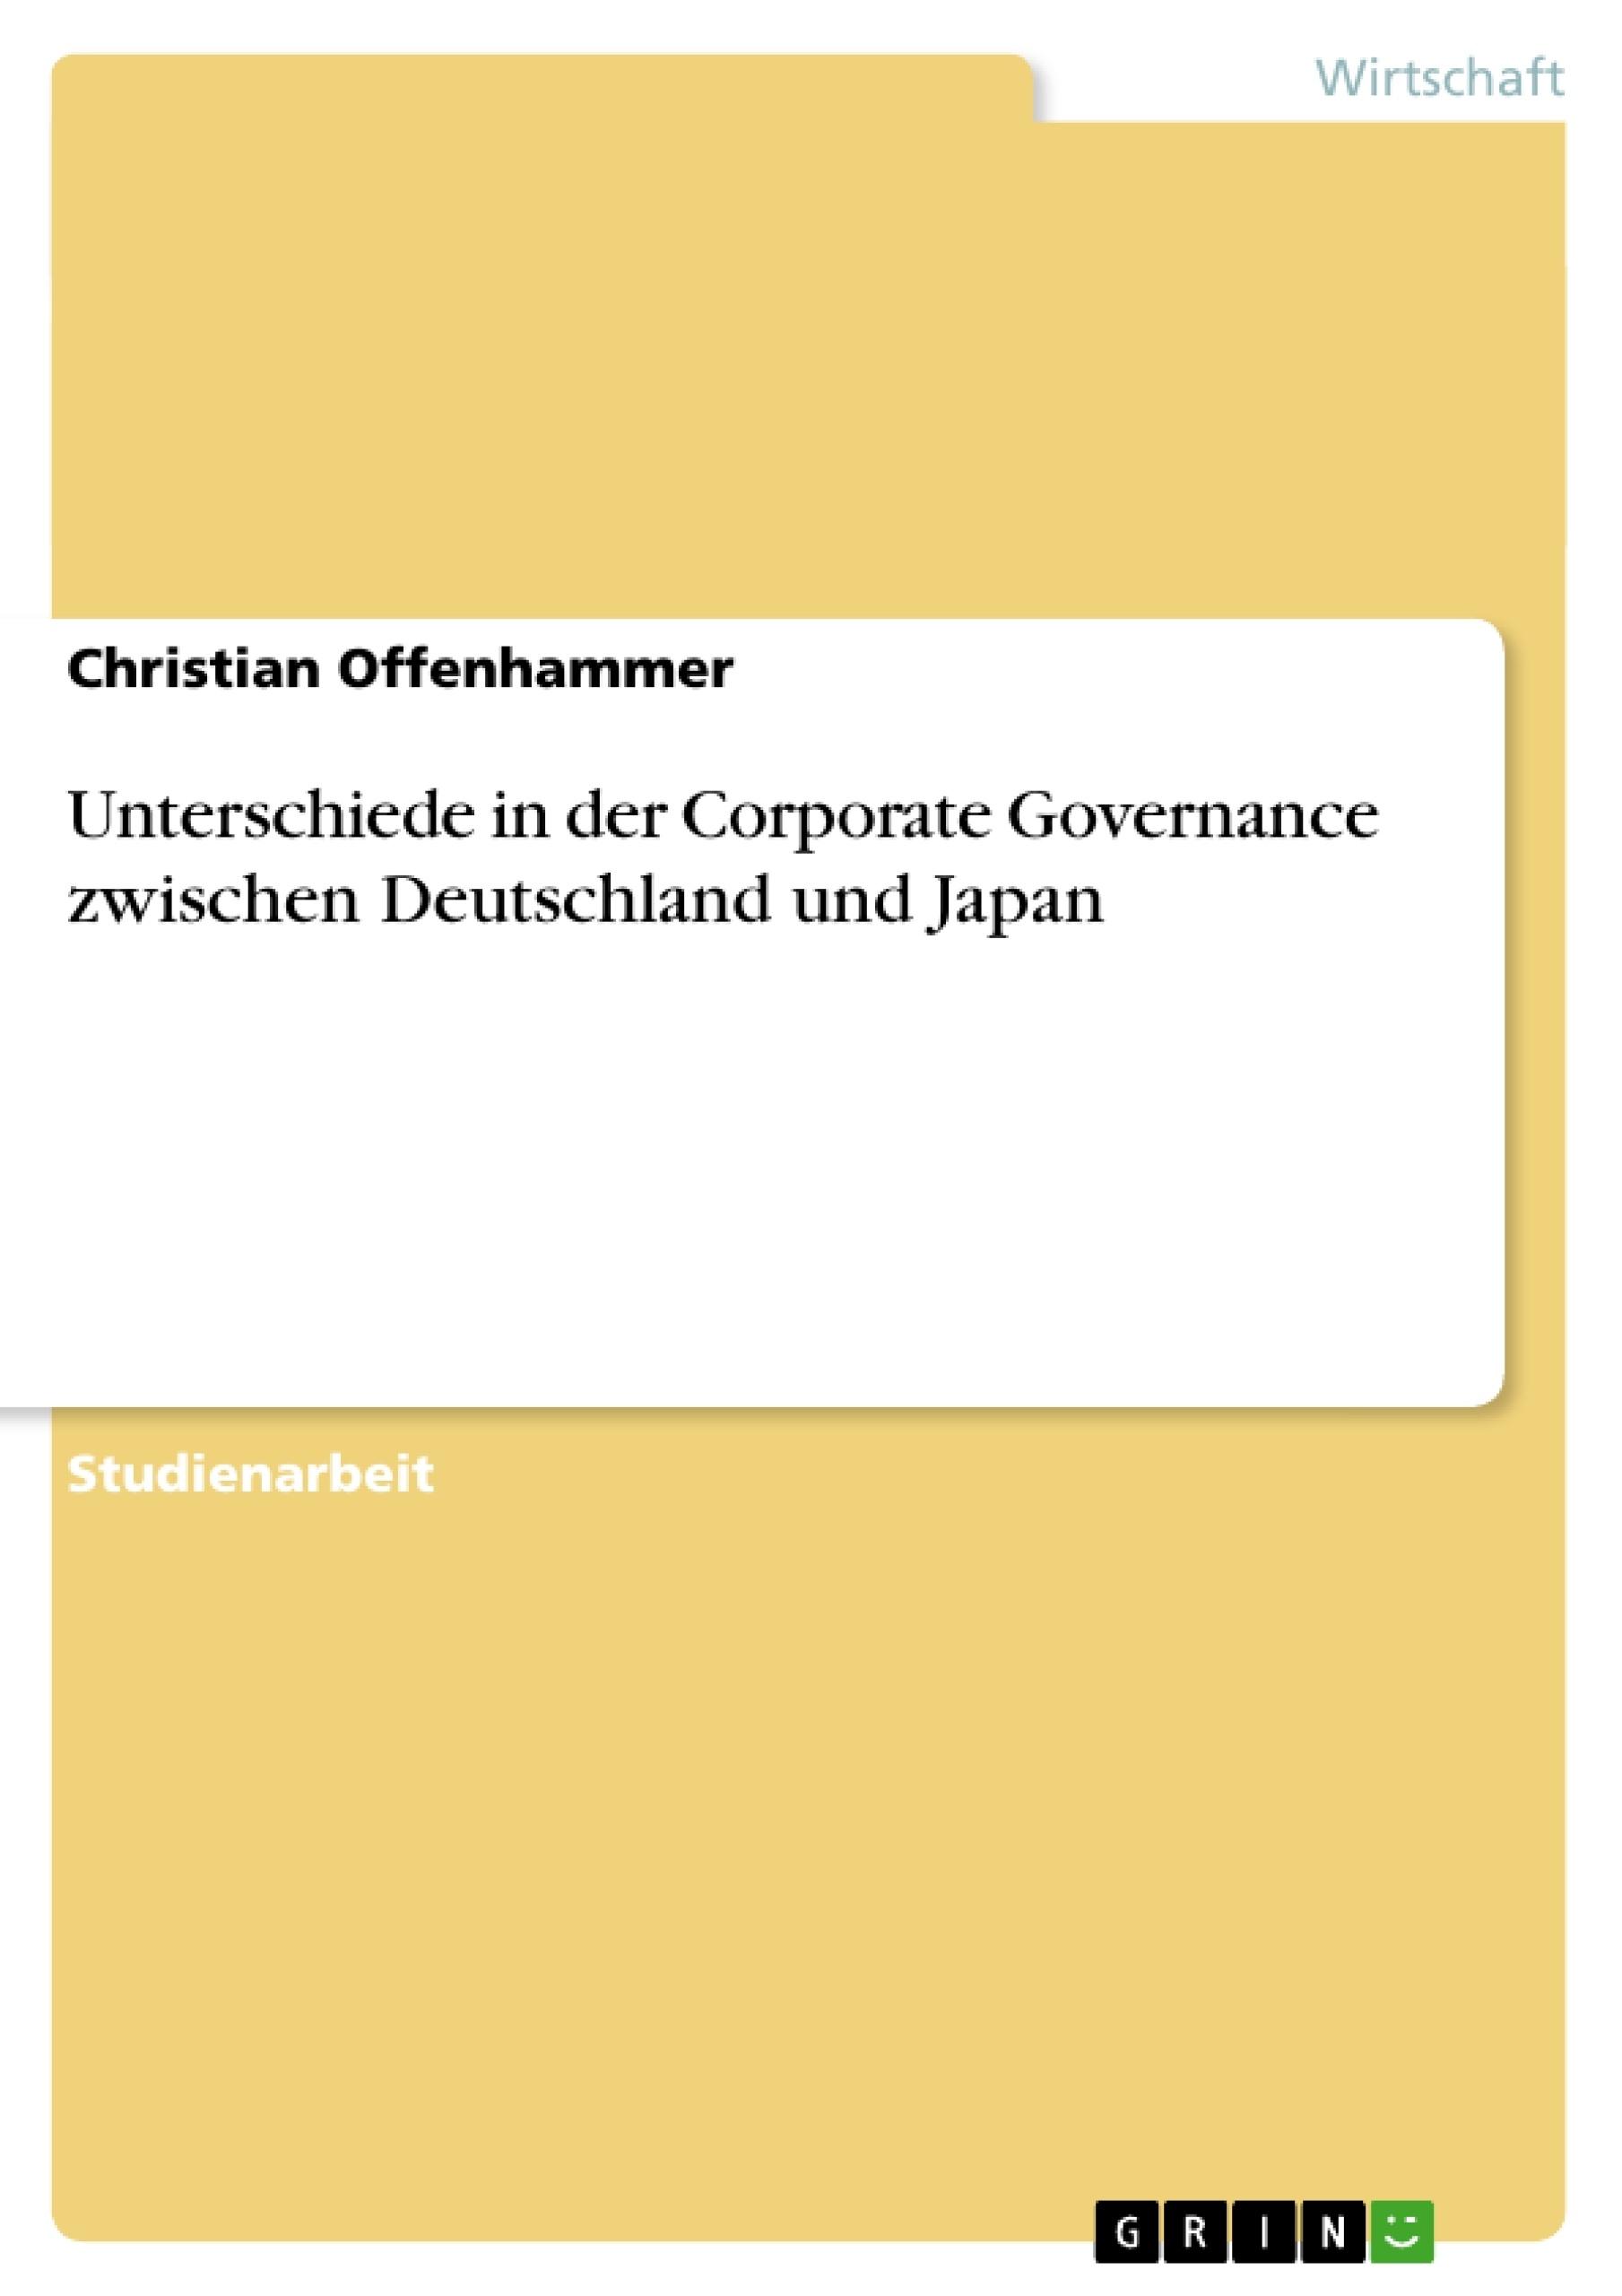 Titel: Unterschiede in der Corporate Governance zwischen Deutschland und Japan